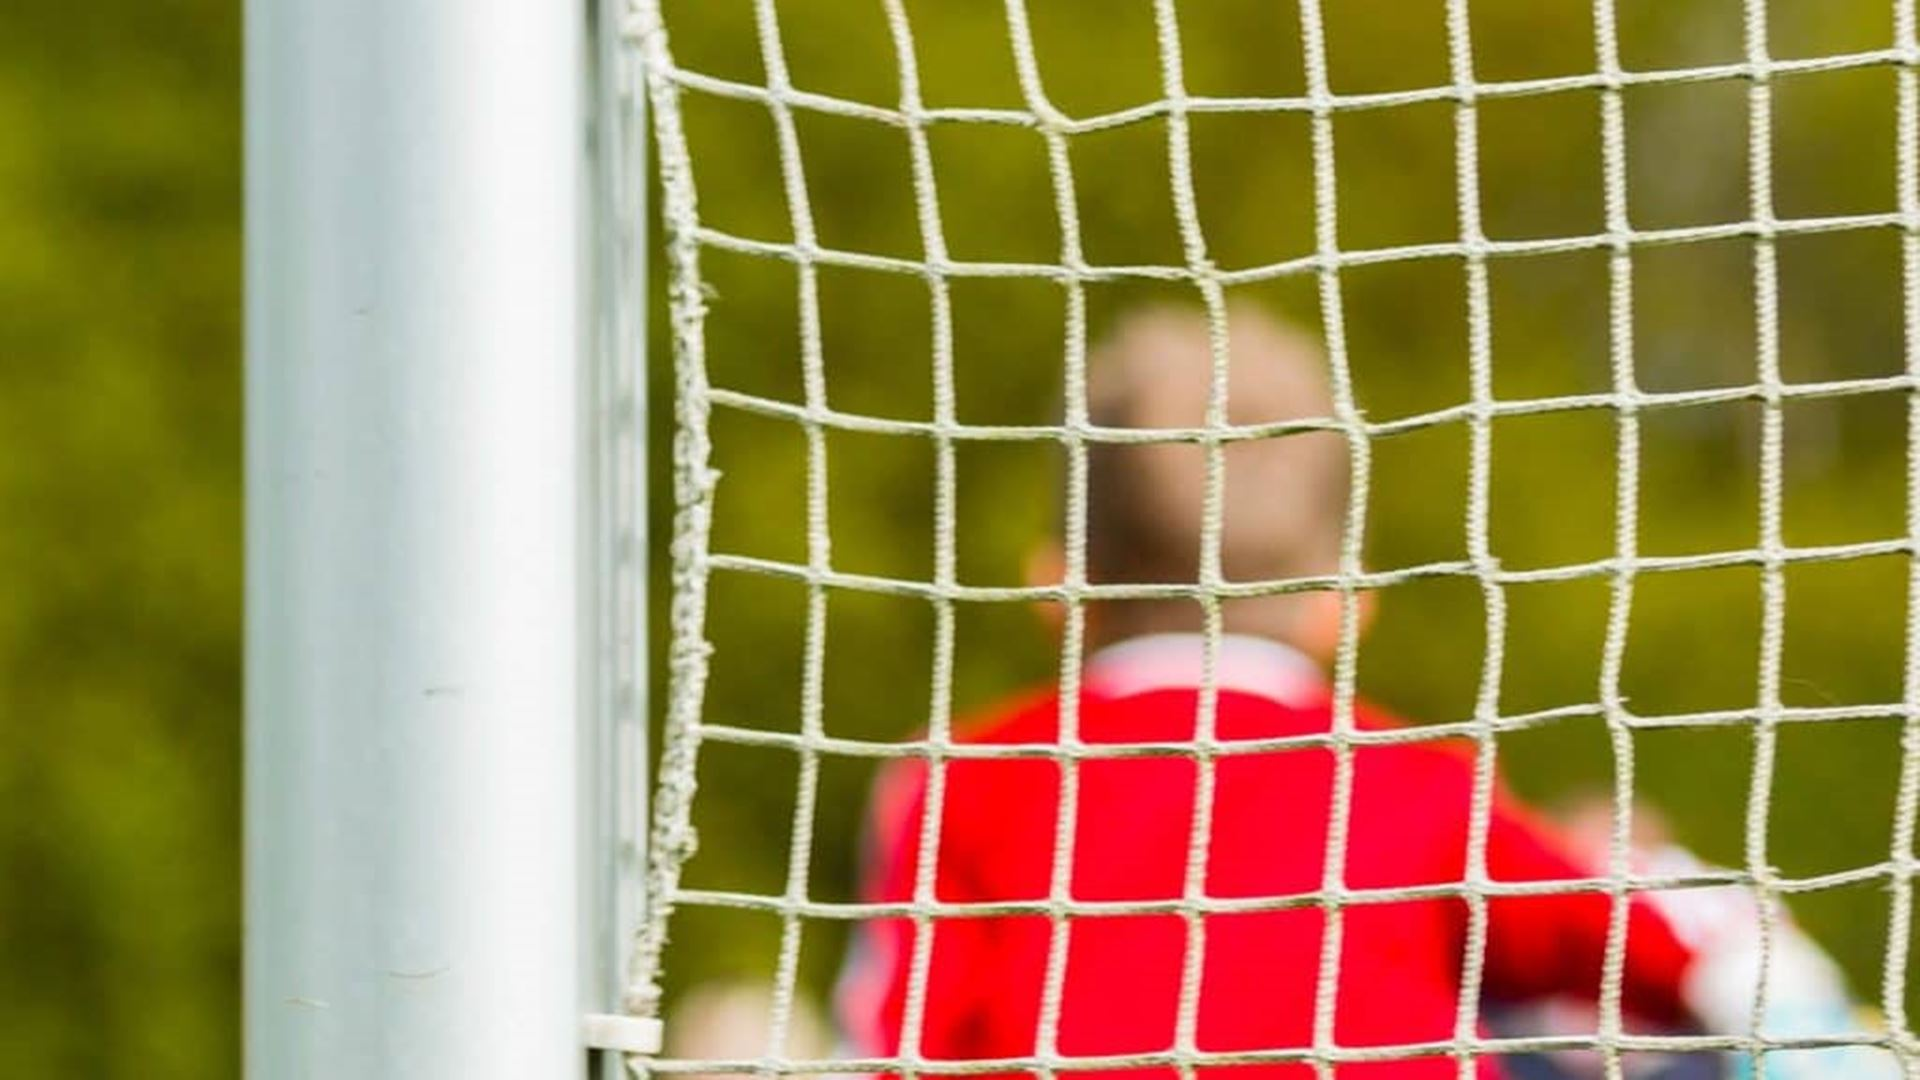 Miglior porta da calcio 2021: Guida all'acquisto